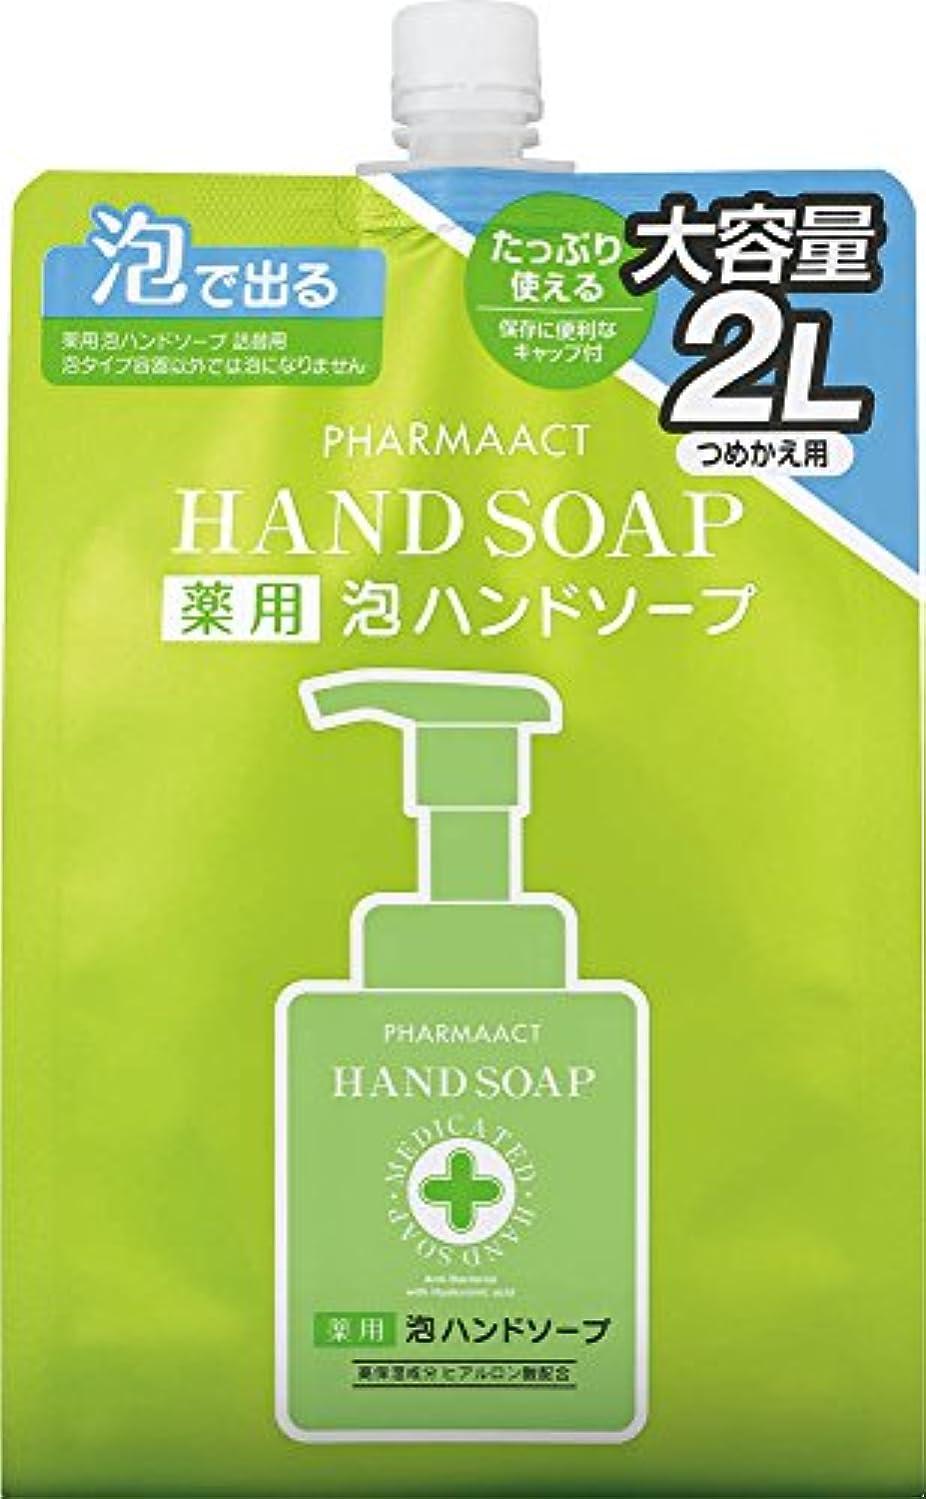 命令的上陸西熊野油脂 PHARMAACT(ファーマアクト) 薬用泡ハンドソープ詰替スパウト付 2L